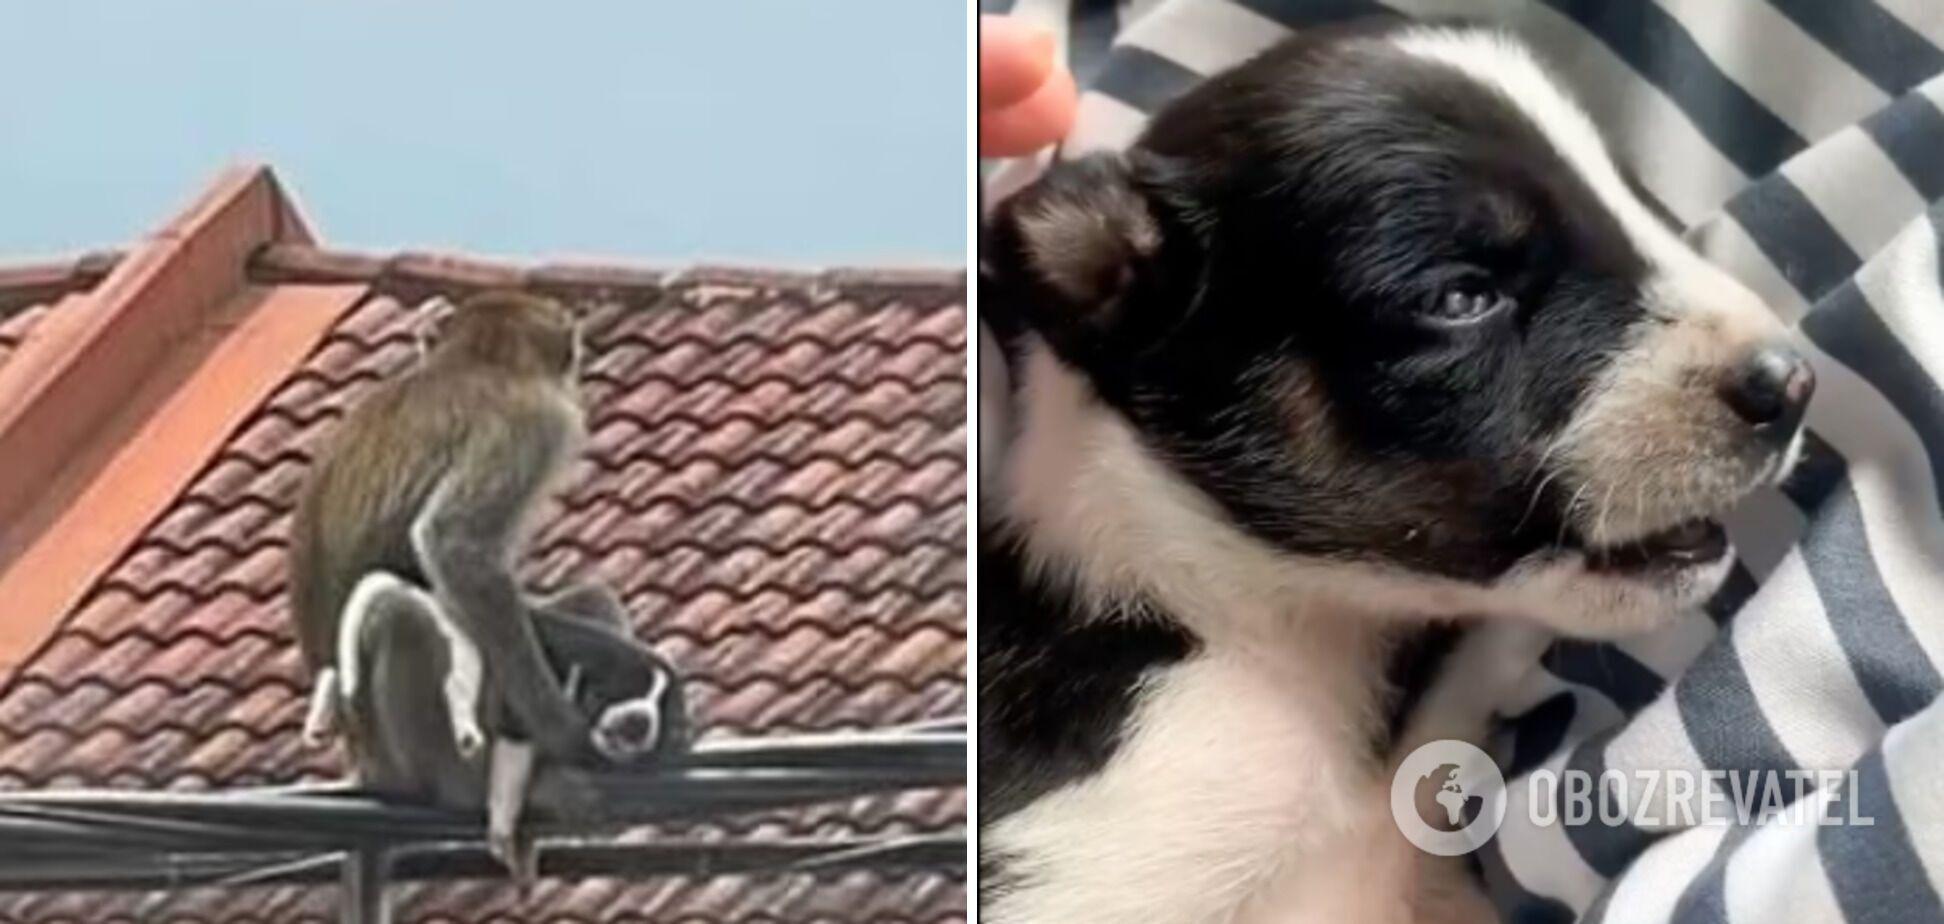 Обезьяна украла двухнедельного щенка